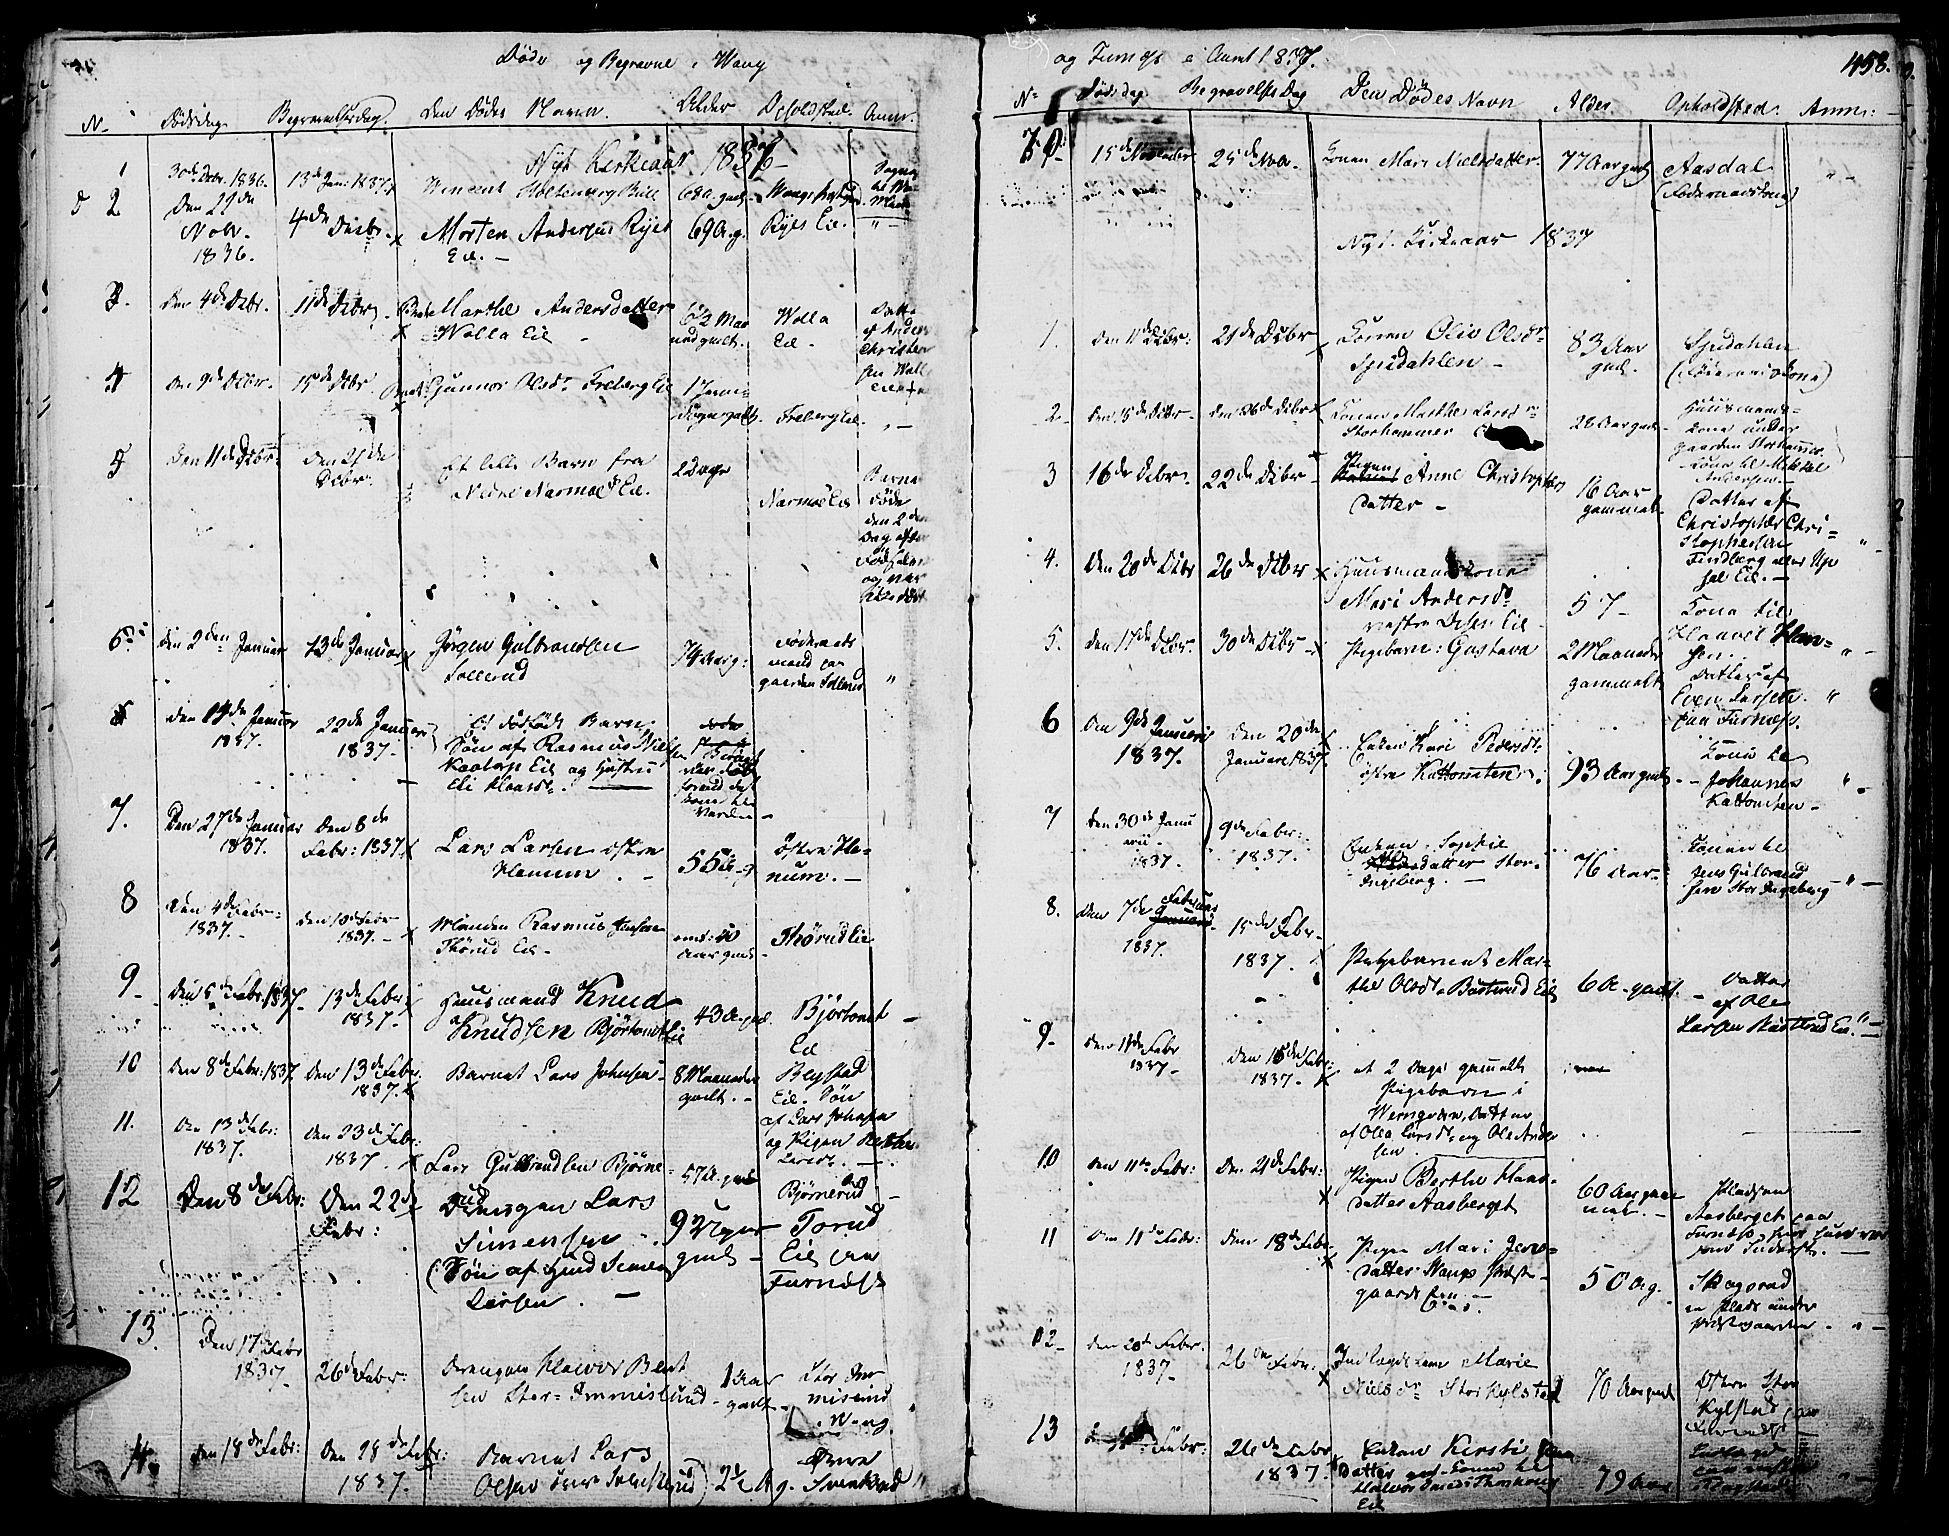 SAH, Vang prestekontor, Hedmark, H/Ha/Haa/L0009: Ministerialbok nr. 9, 1826-1841, s. 458